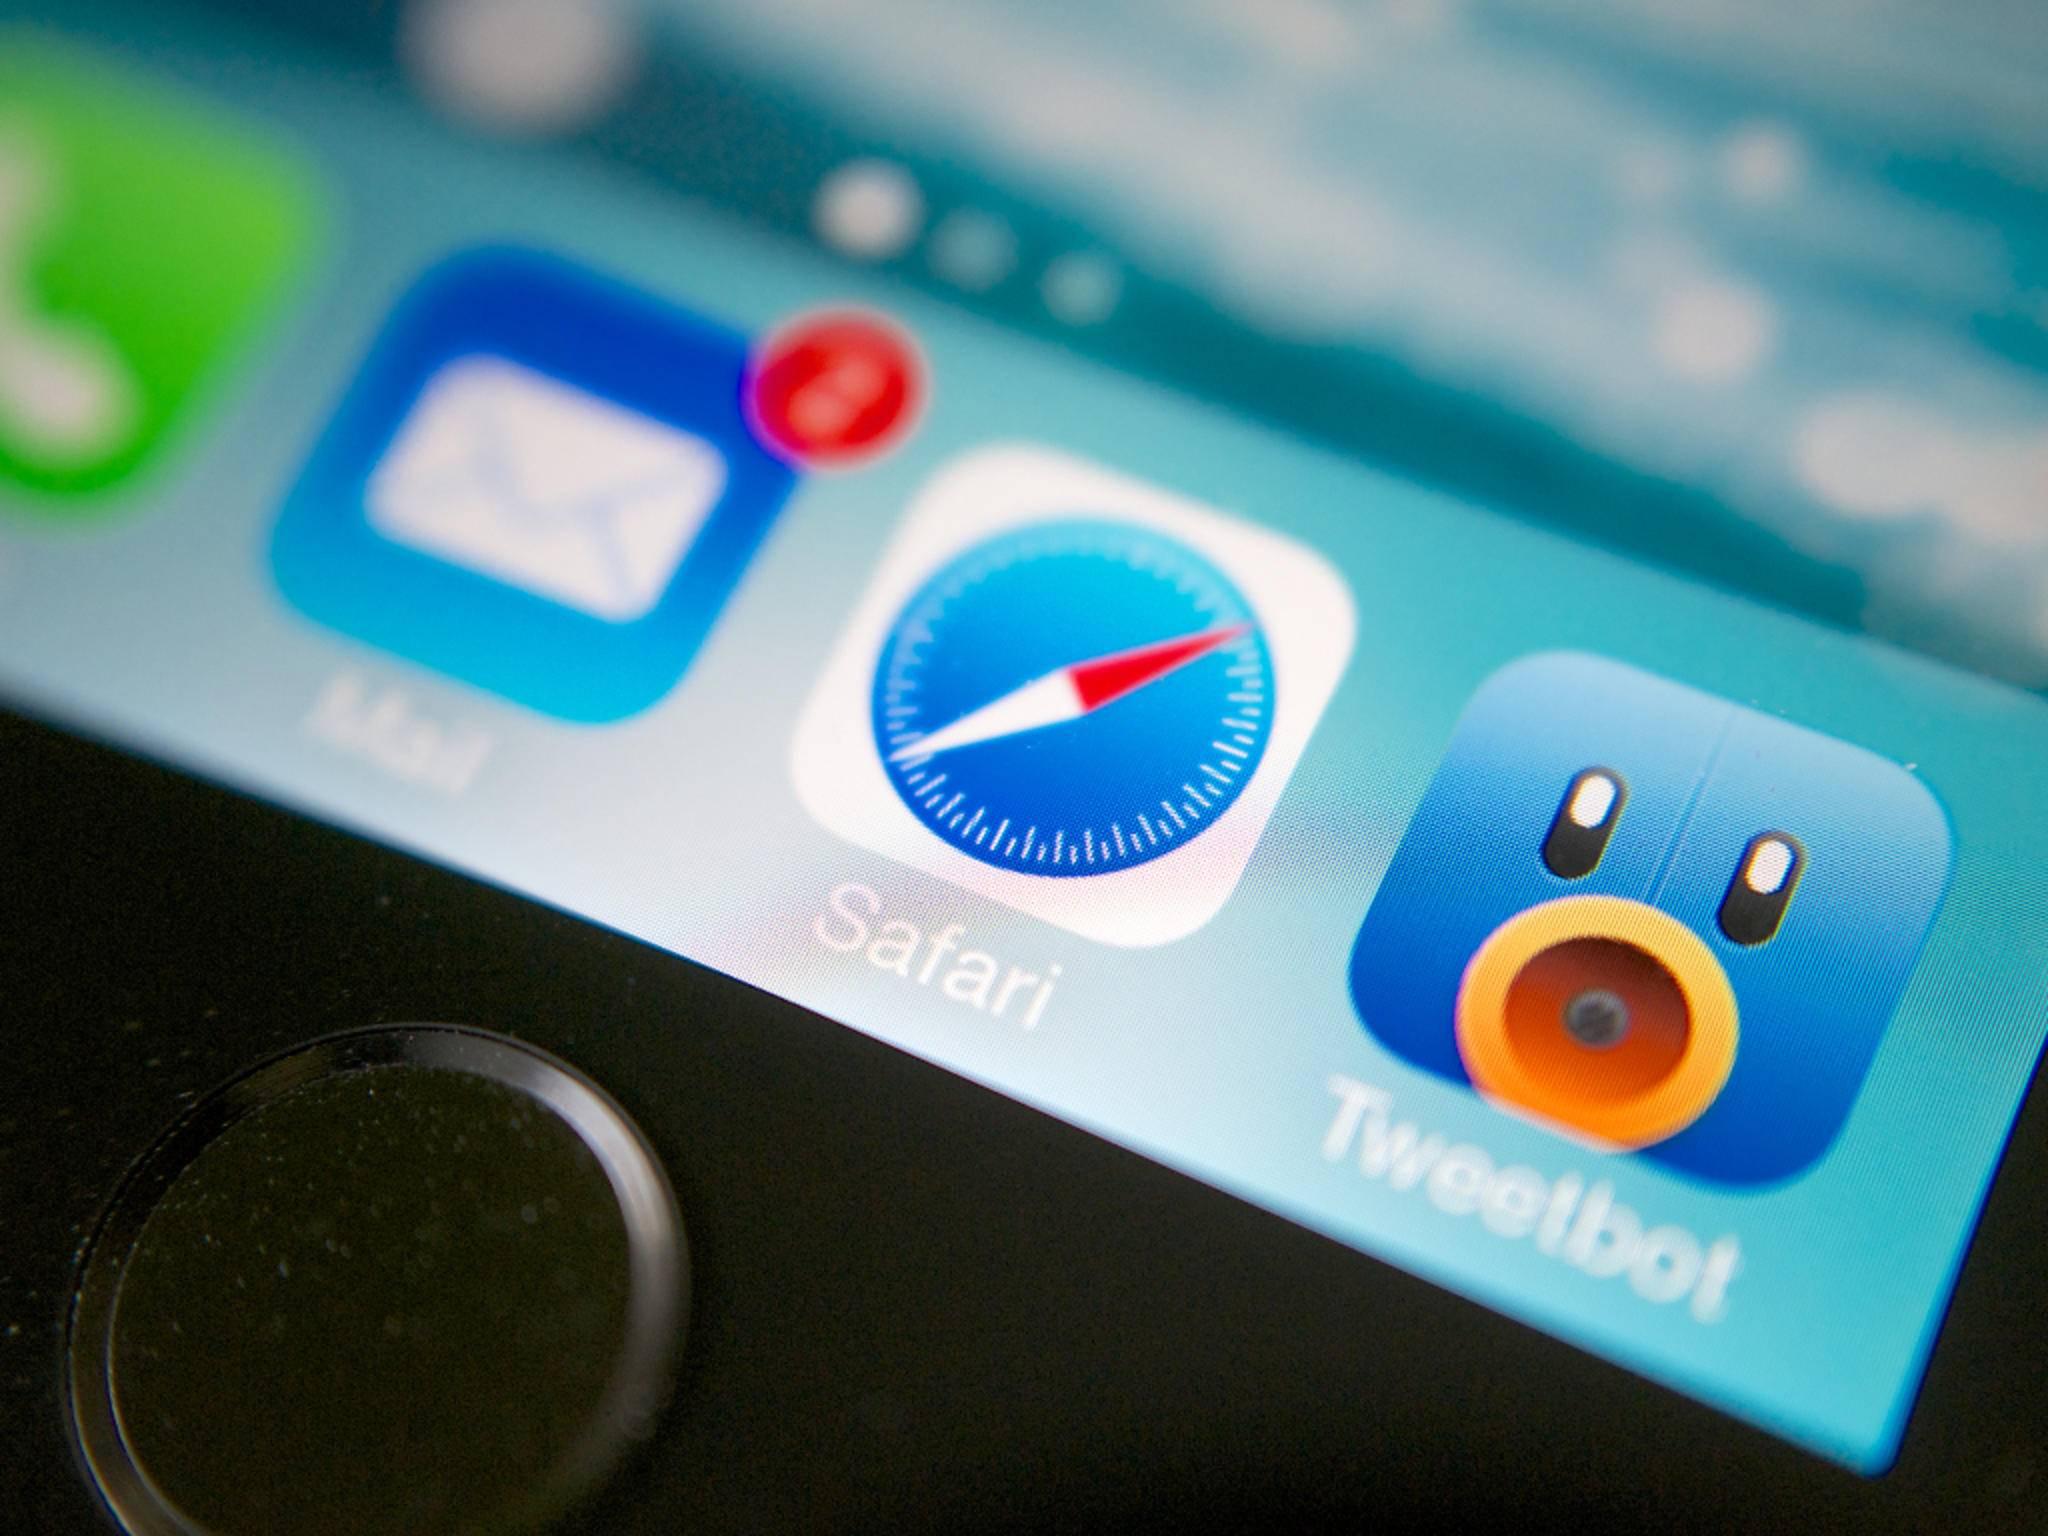 Safari-Links sorgen in iOS 9.3 für reichlich Probleme.